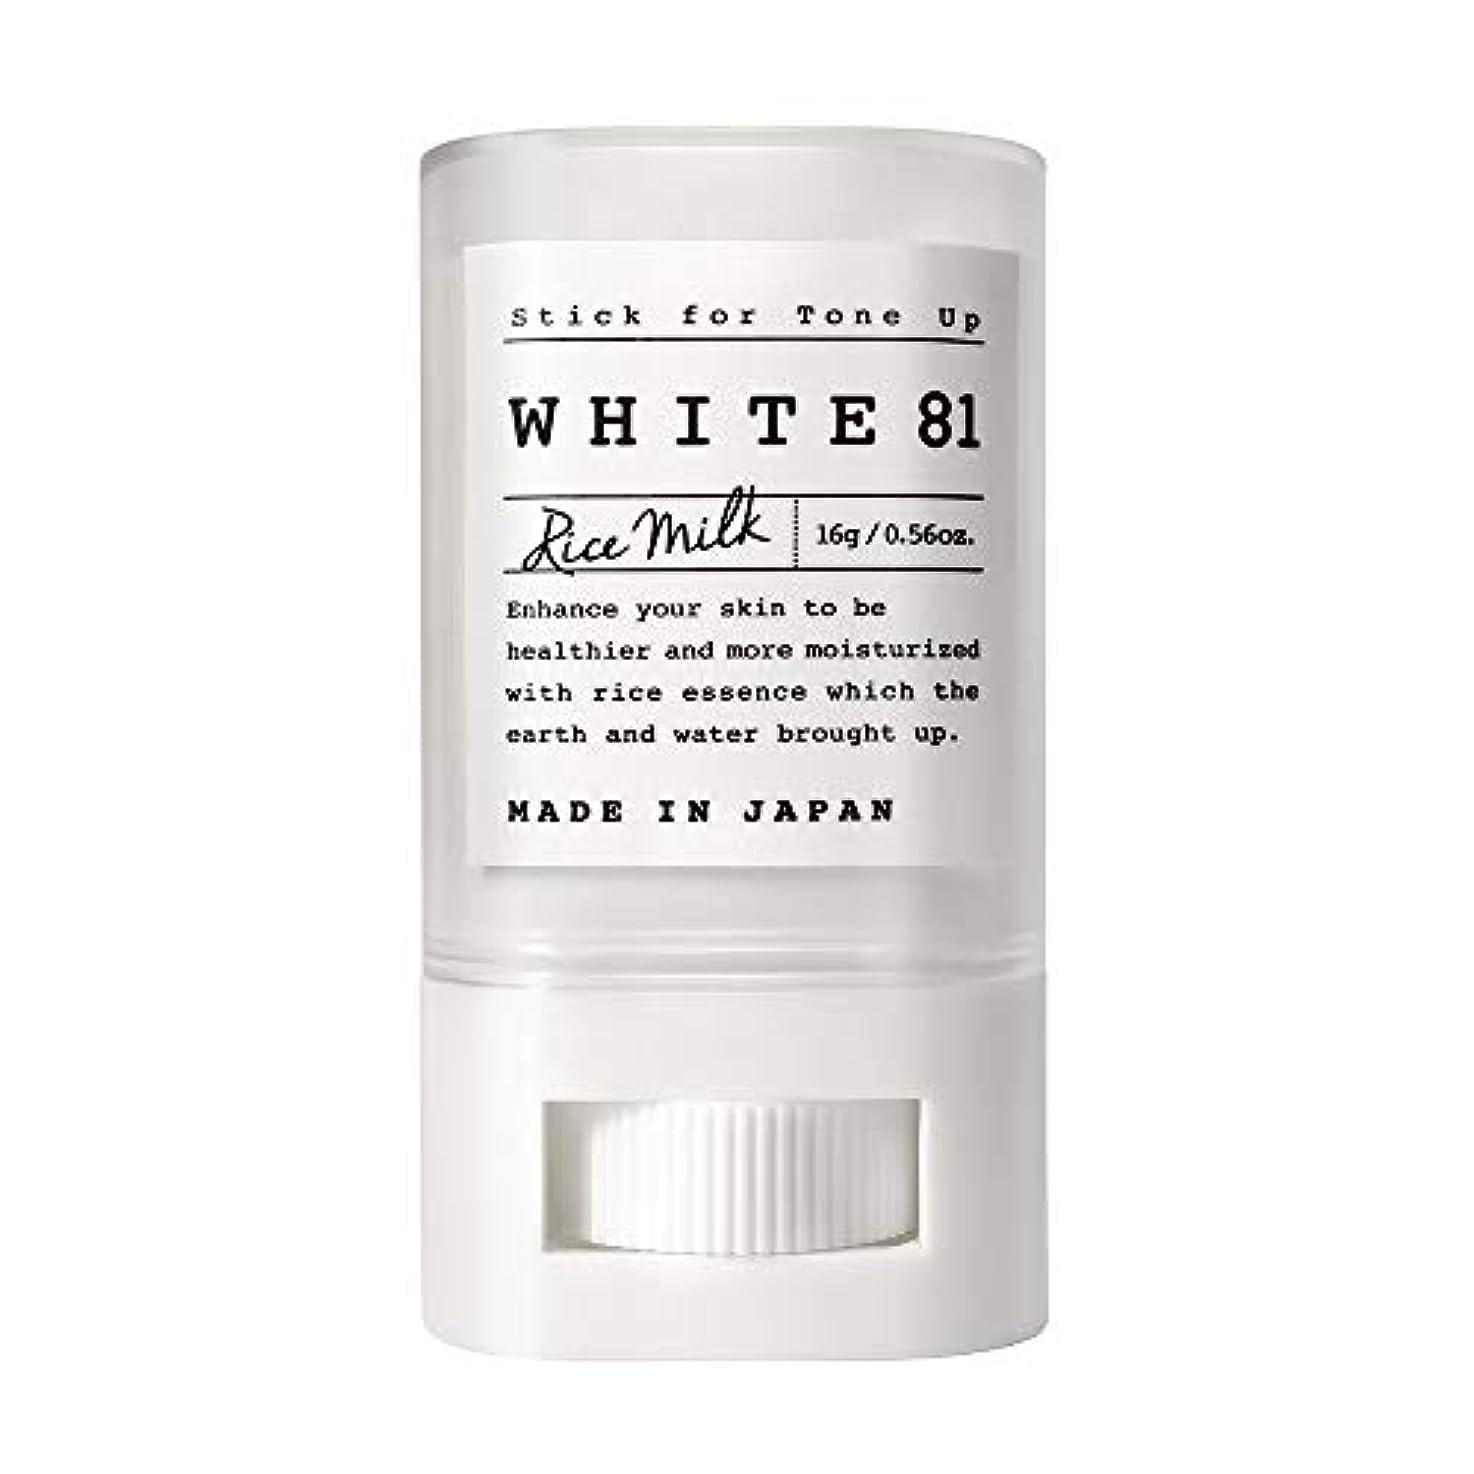 男やもめ外出動的WHITE81 ホワイト81 トーンアップスティック(化粧下地?日焼け止め / SPF35?PA+++?ウォータープルーフ?複合保湿成分配合?肌に優しい6種のフリー / 日本製)